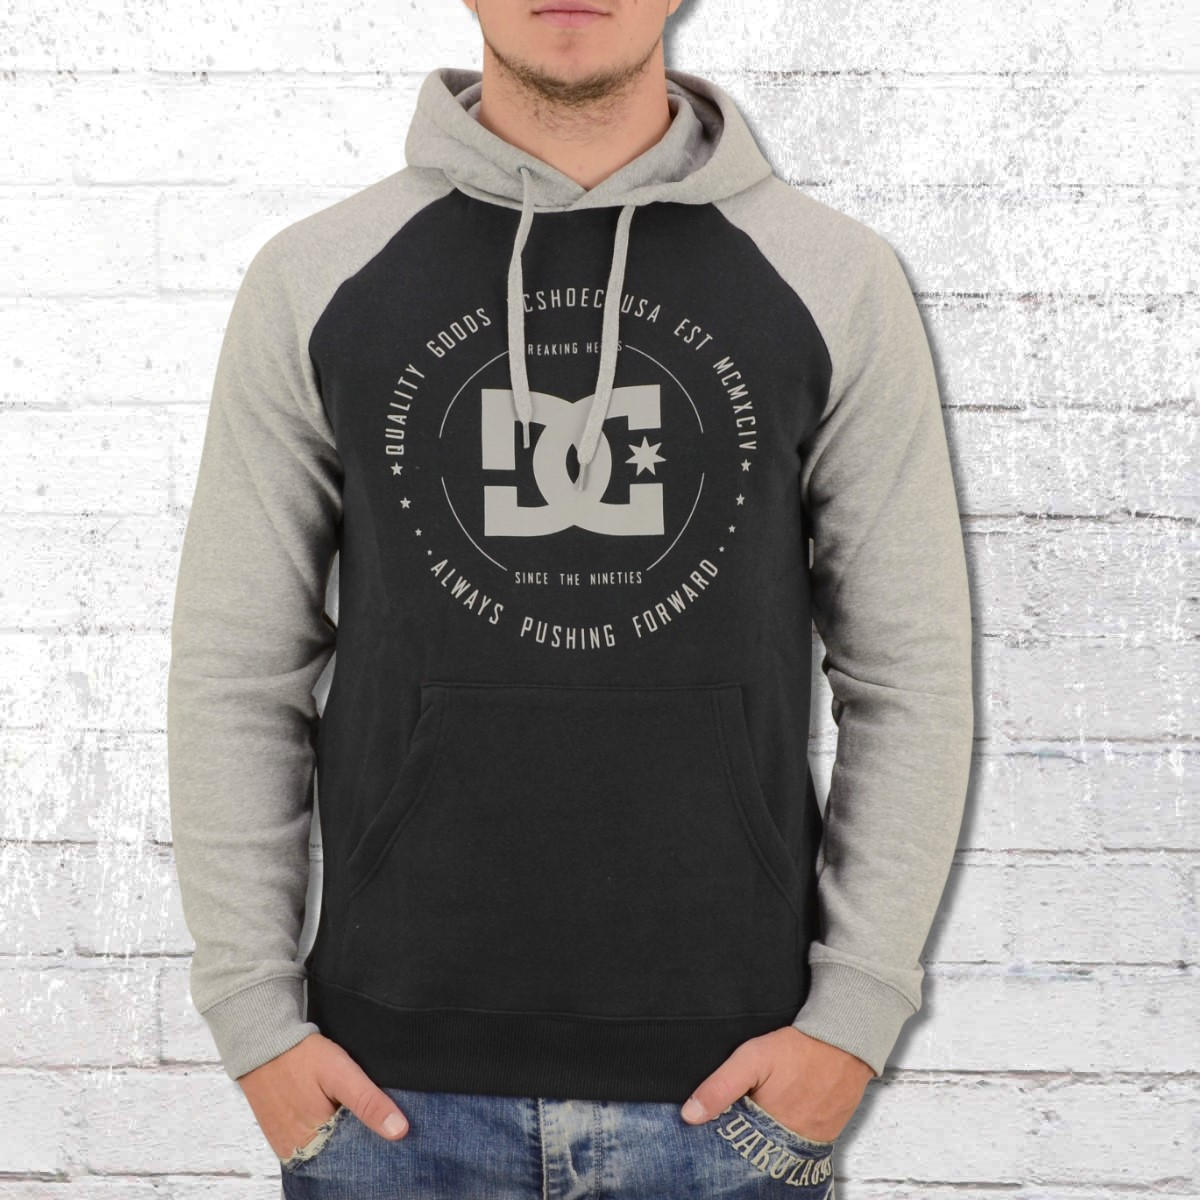 huge selection of 6beb0 723fa Jetzt bestellen | DC Shoes Herren Kapuzen Sweatshirt Rebuilt ...